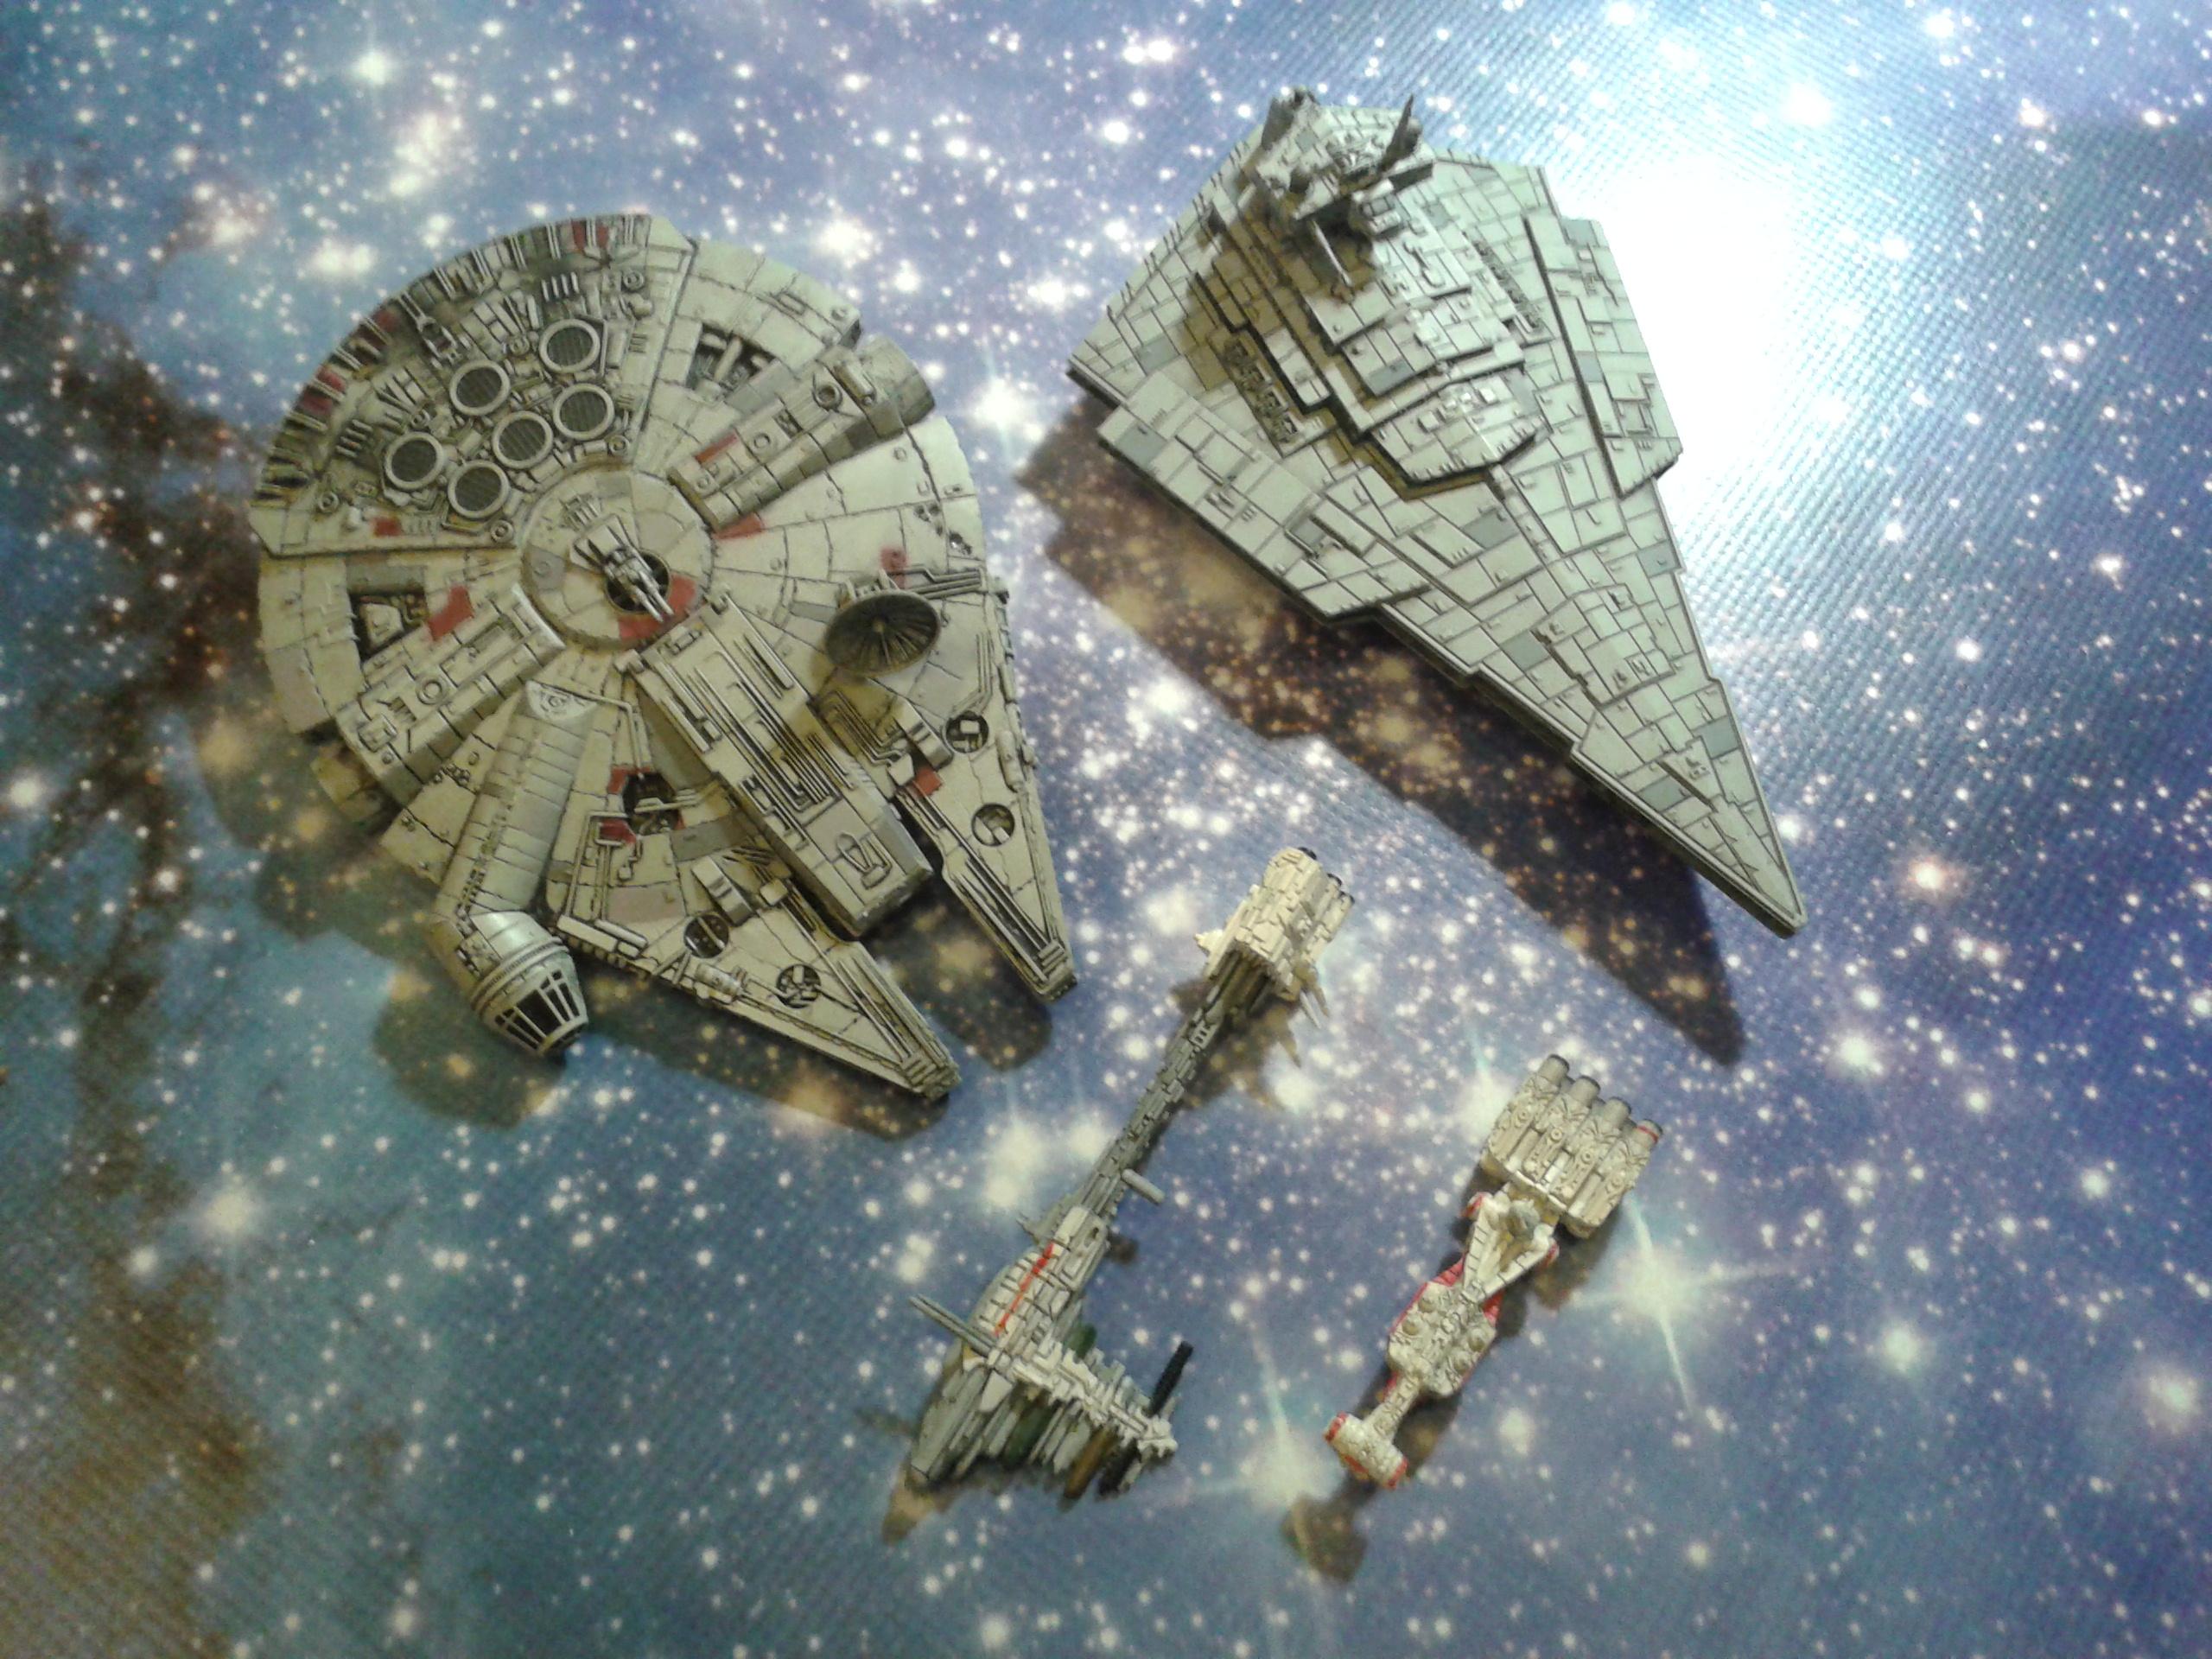 [FFG] Star Wars Armada (Neues Miniaturenspiel) - Seite 2 20150328_010528